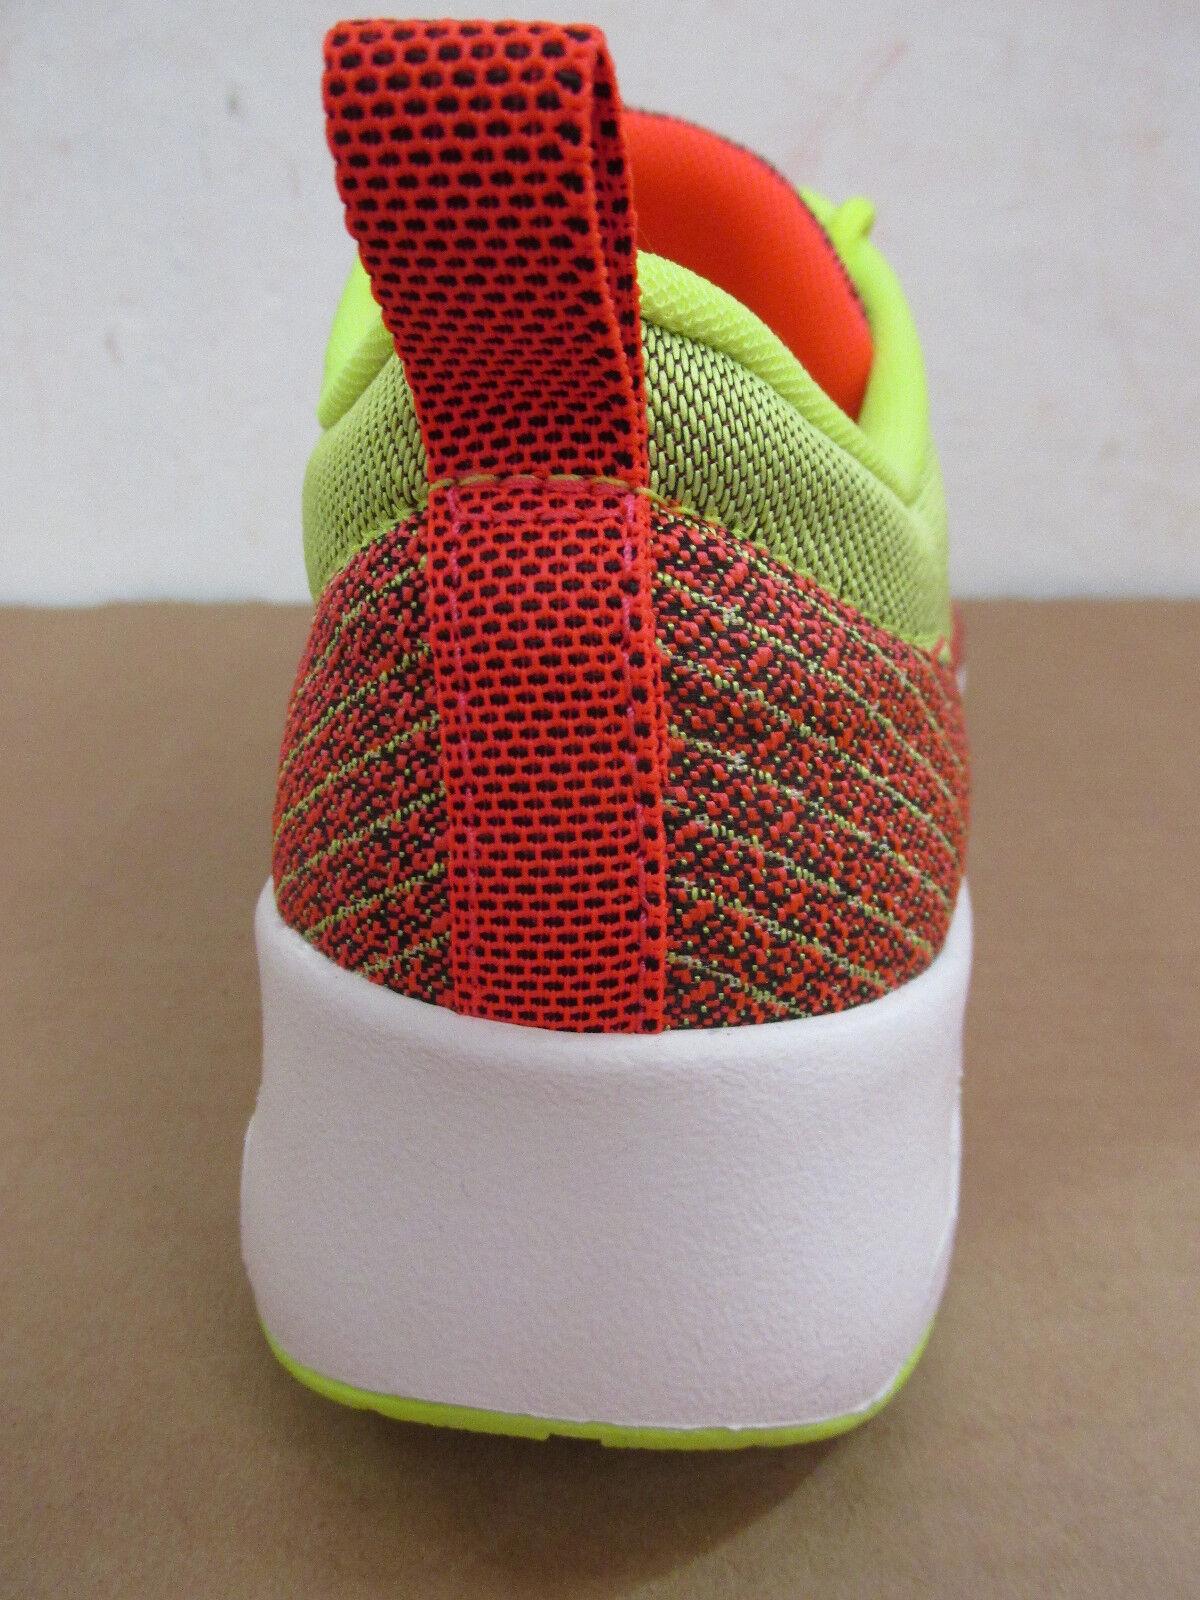 Nike Damen Air Max Thea 607 Jcrd Qs Laufschuhe 666545 607 Thea Sneakers Räumung c89be0